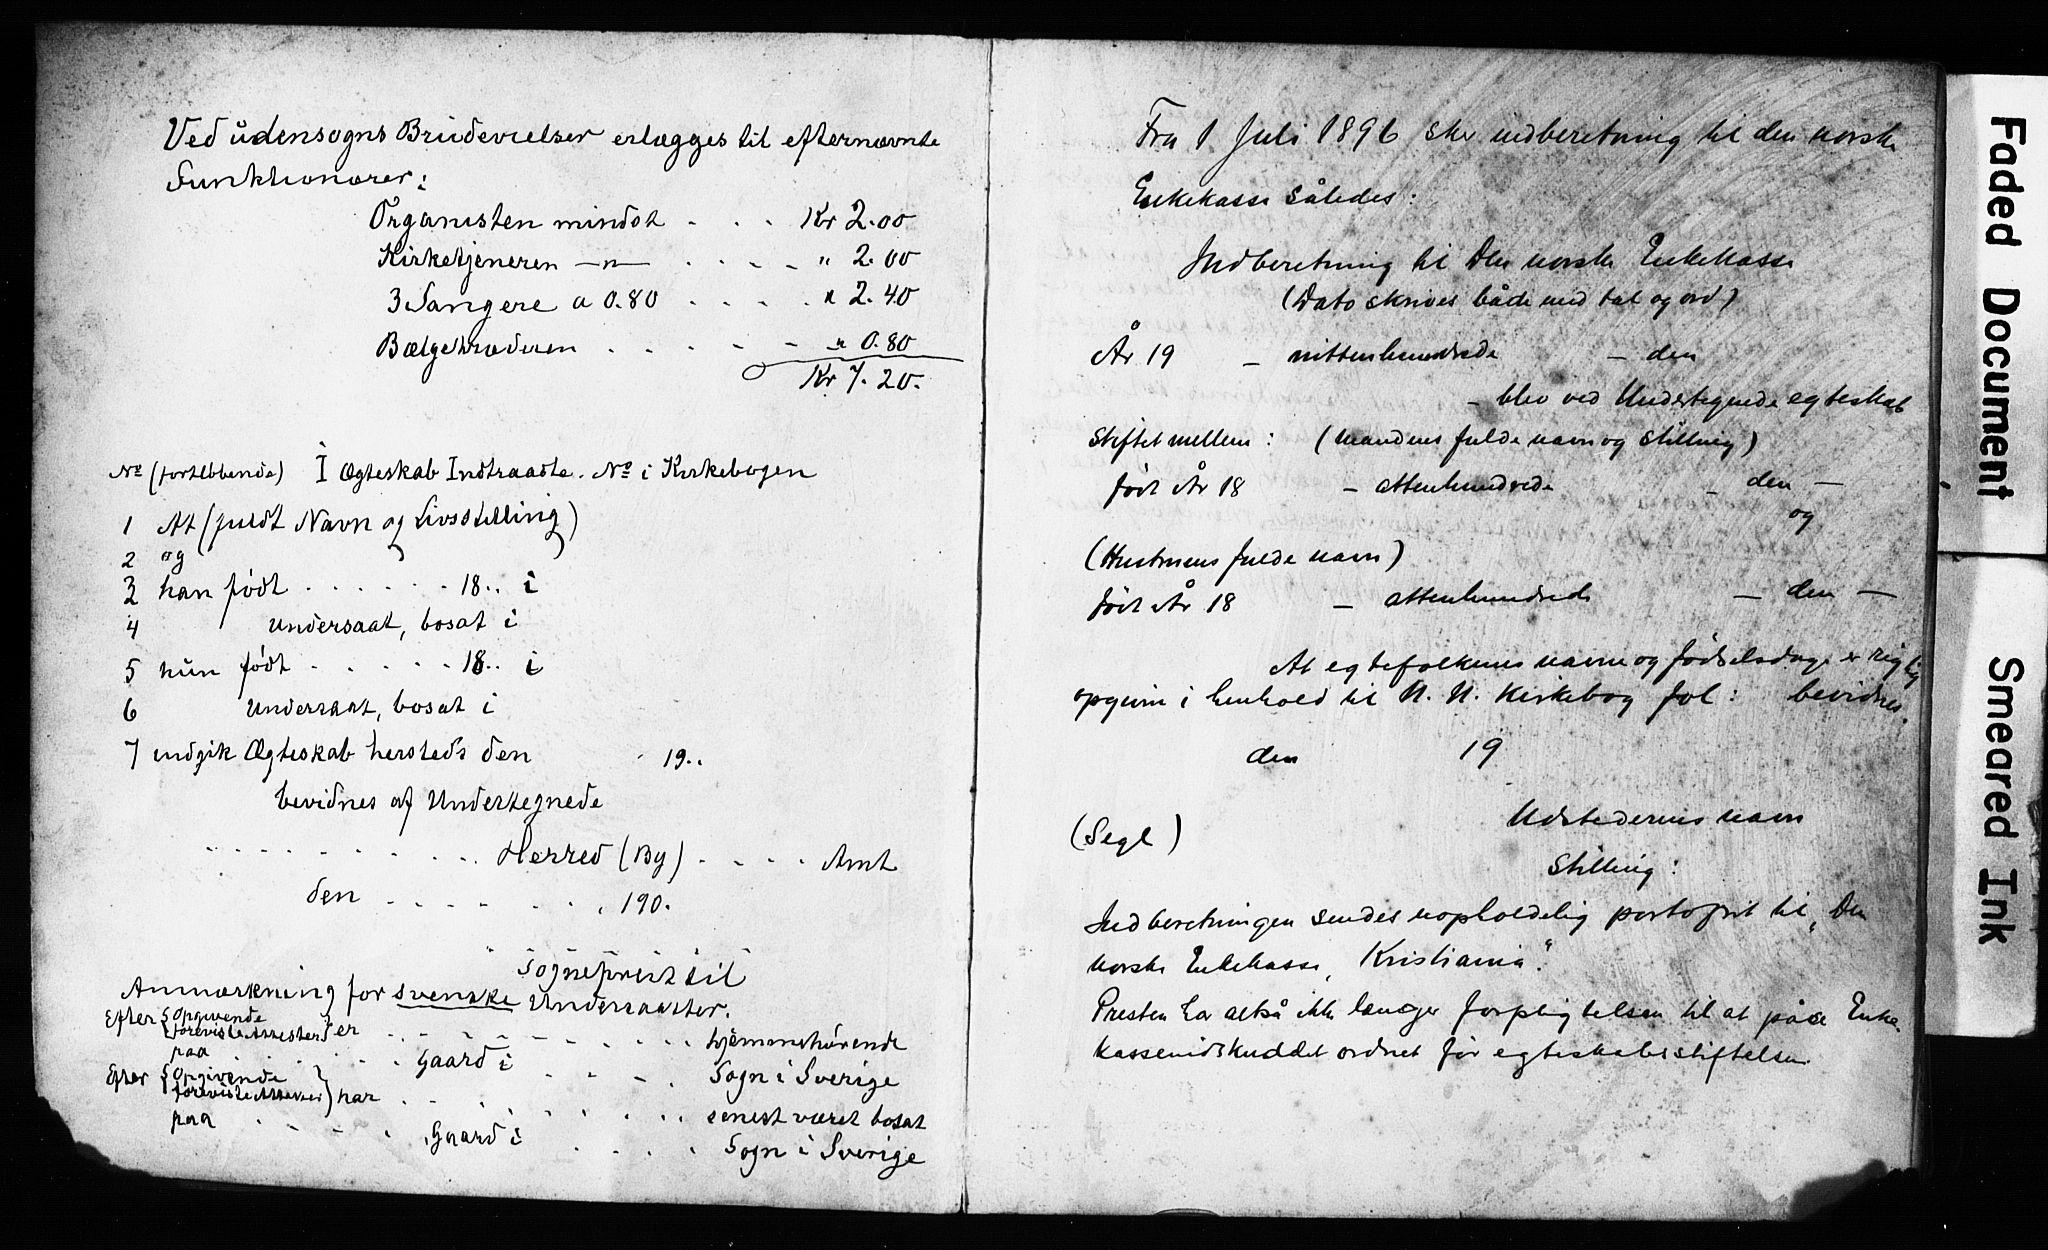 SAB, Domkirken Sokneprestembete, Forlovererklæringer nr. II.5.11, 1899-1910, s. 1